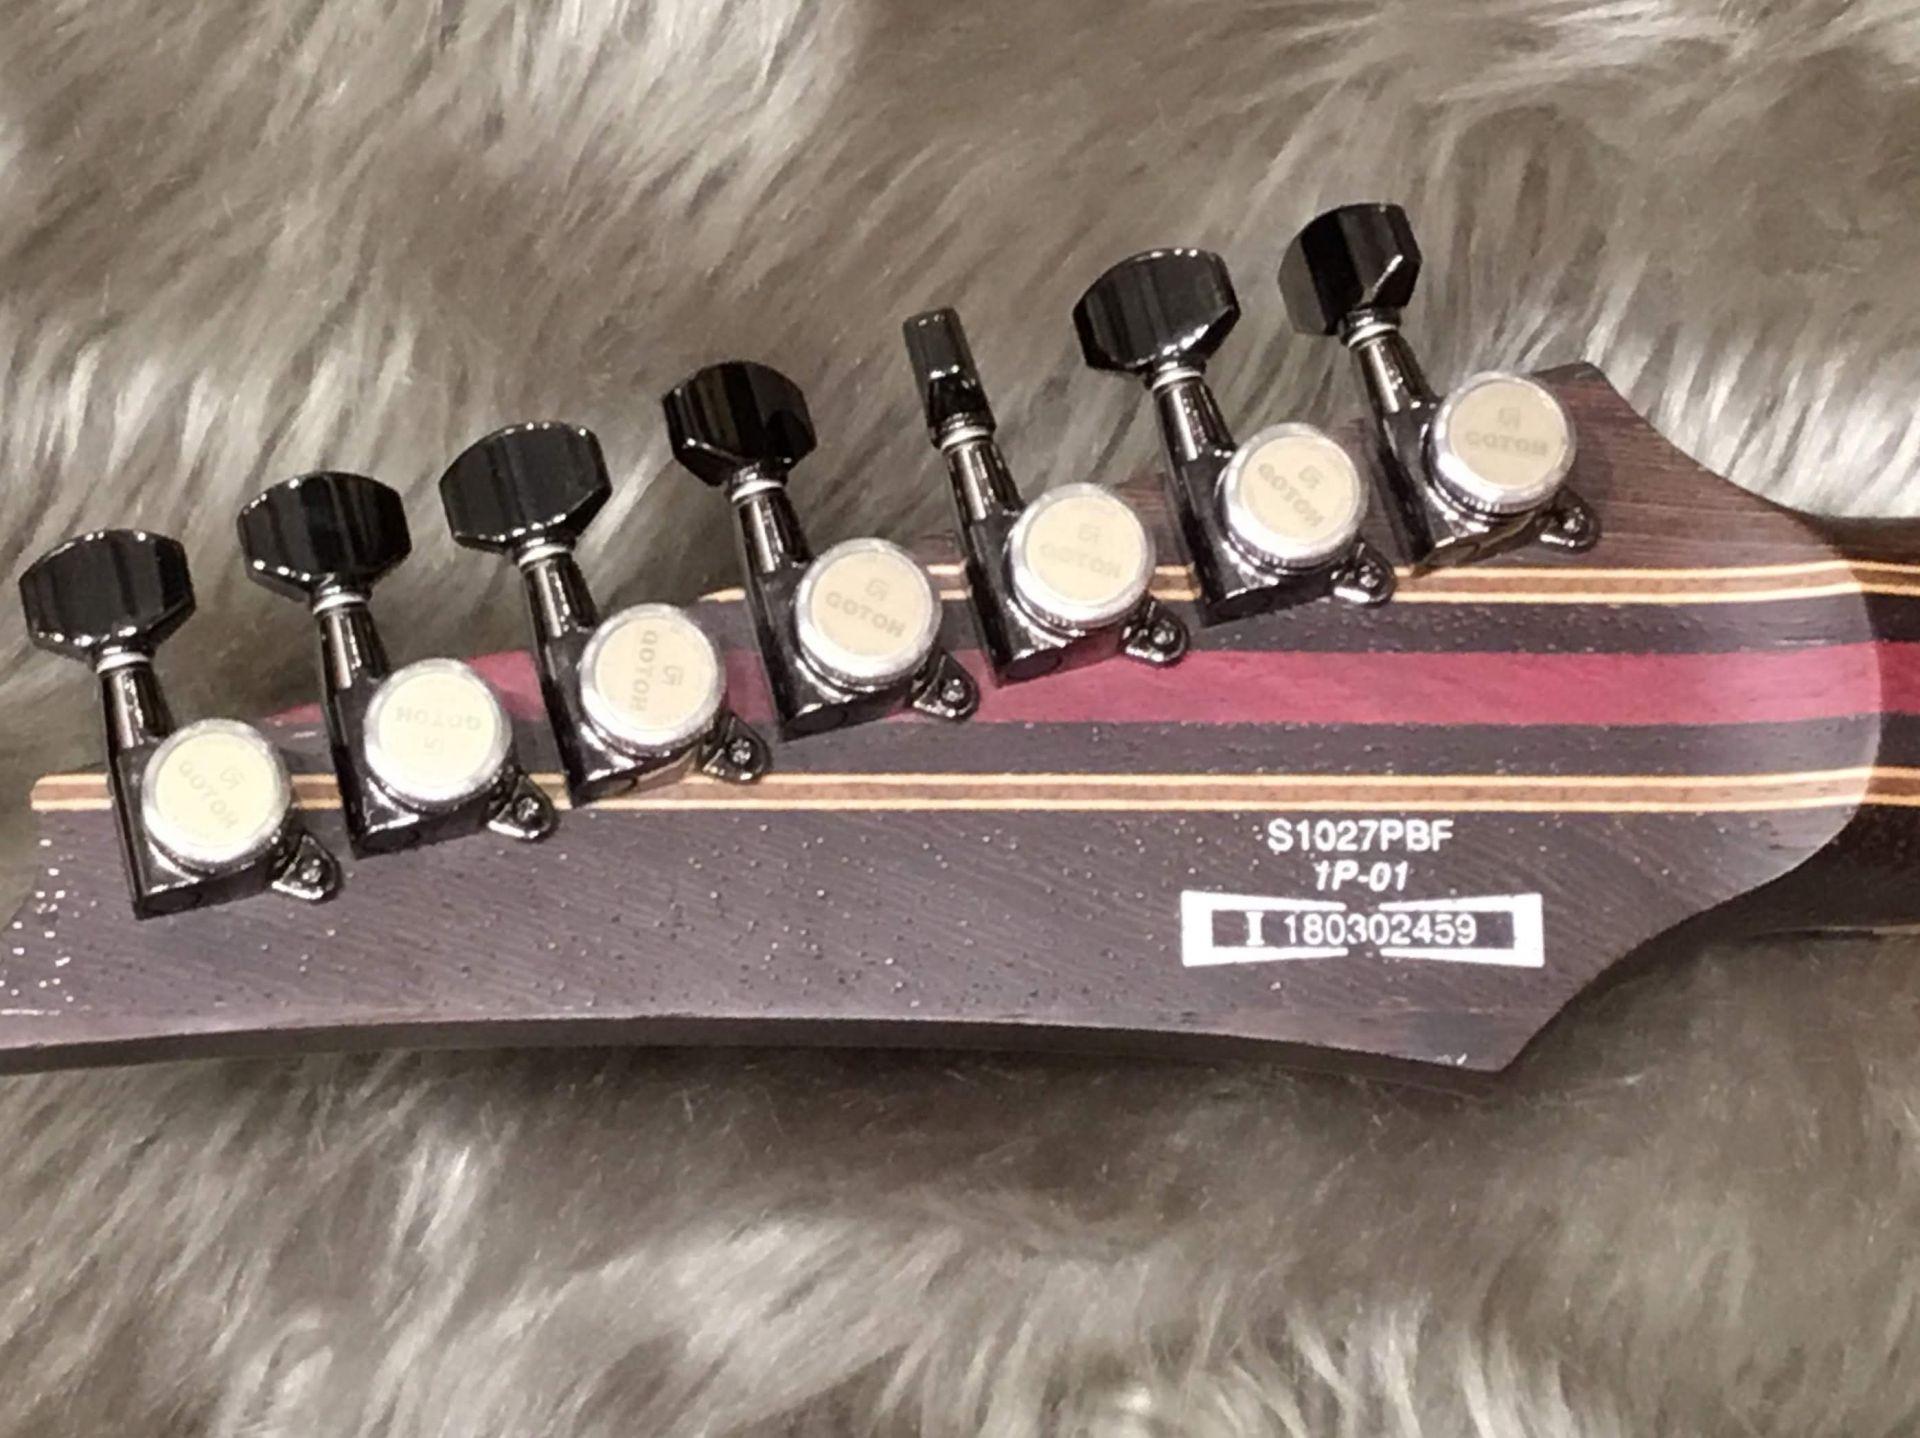 S1027PBFのヘッド裏-アップ画像